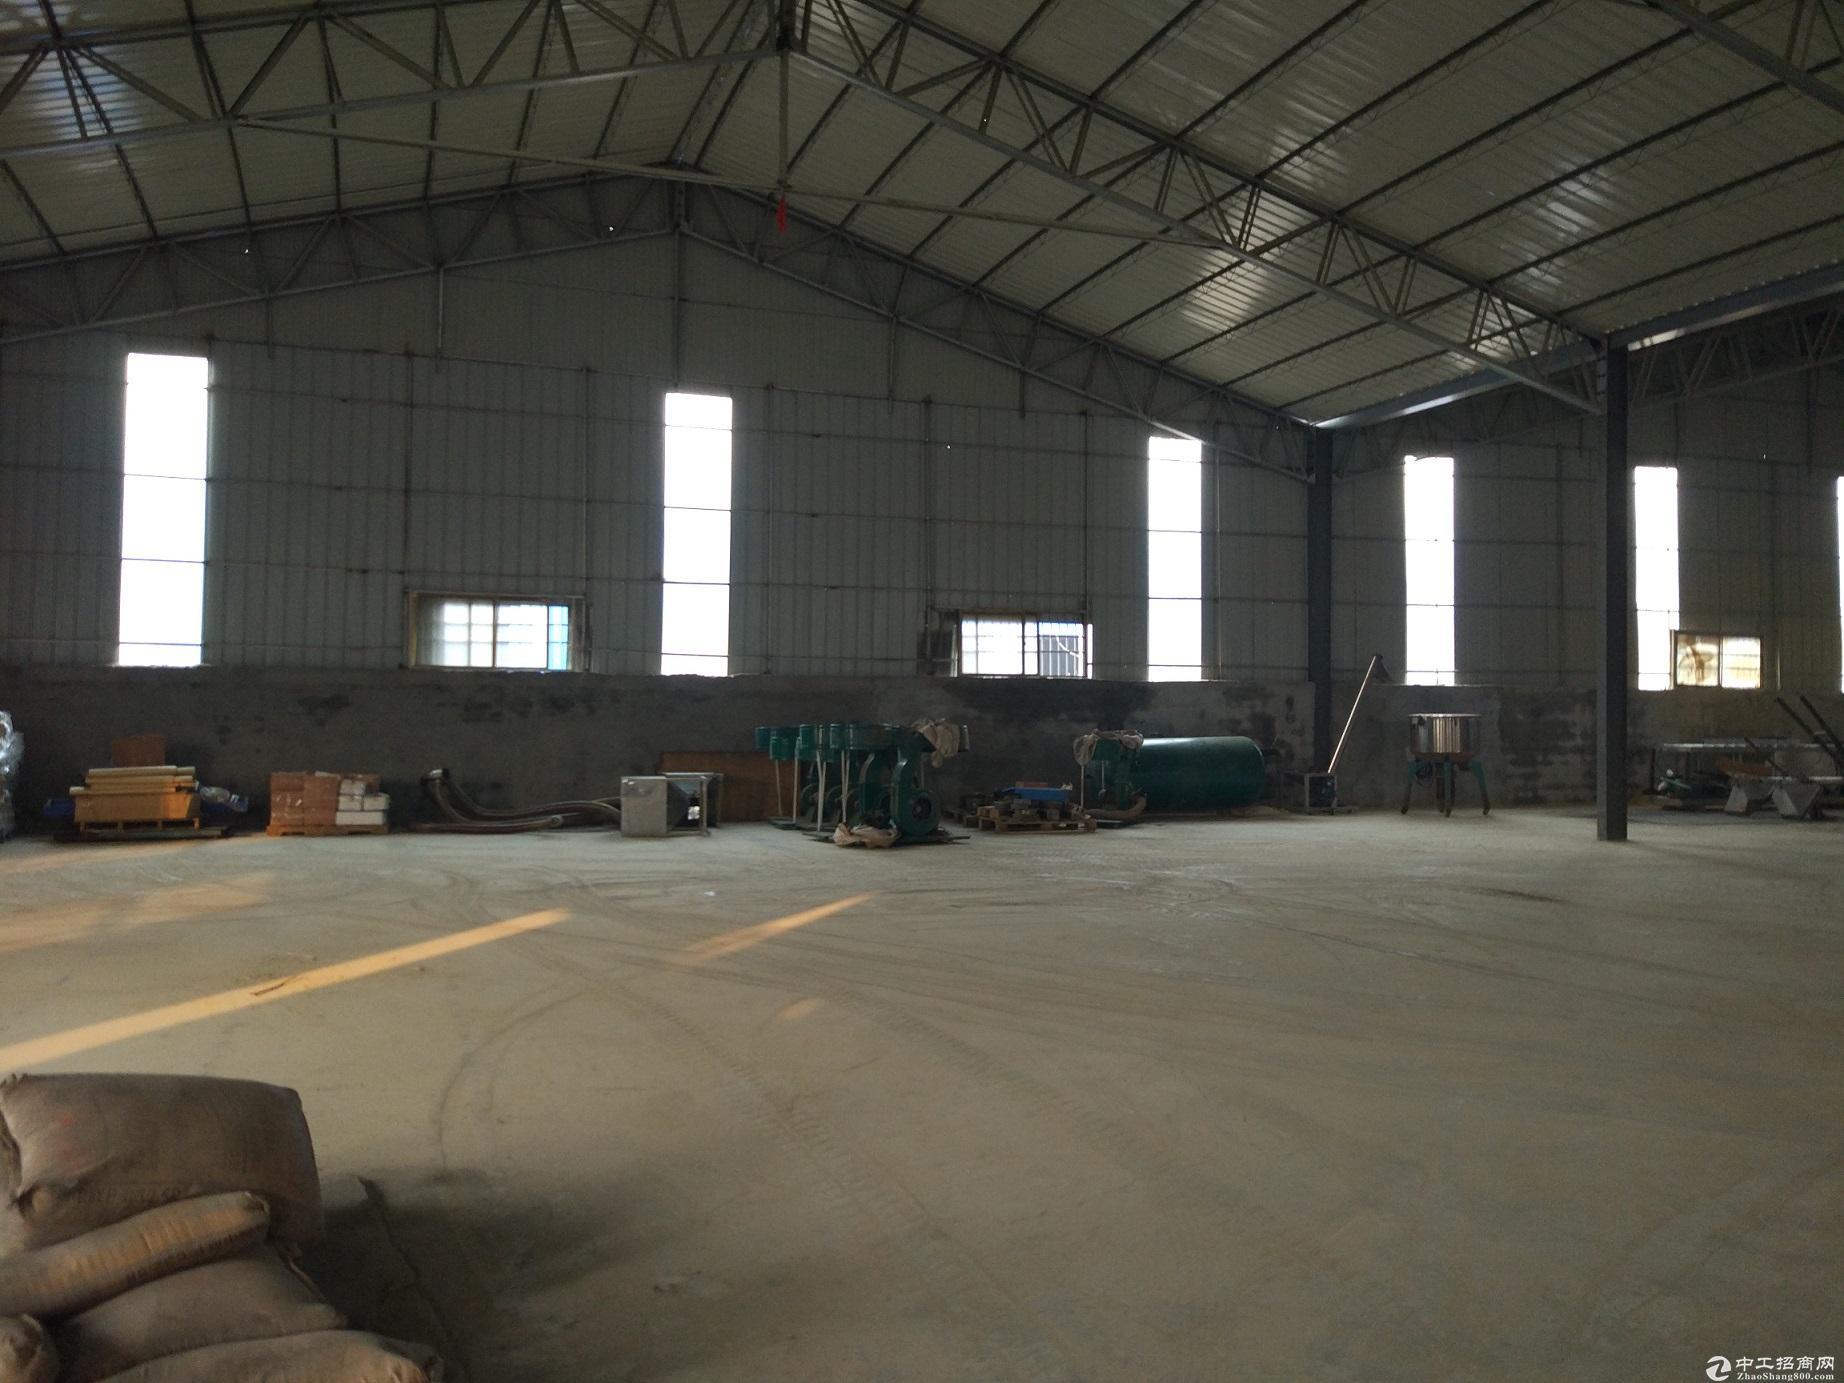 兰山区义堂镇2000-3000平米标准钢结构厂房出租2018-图5